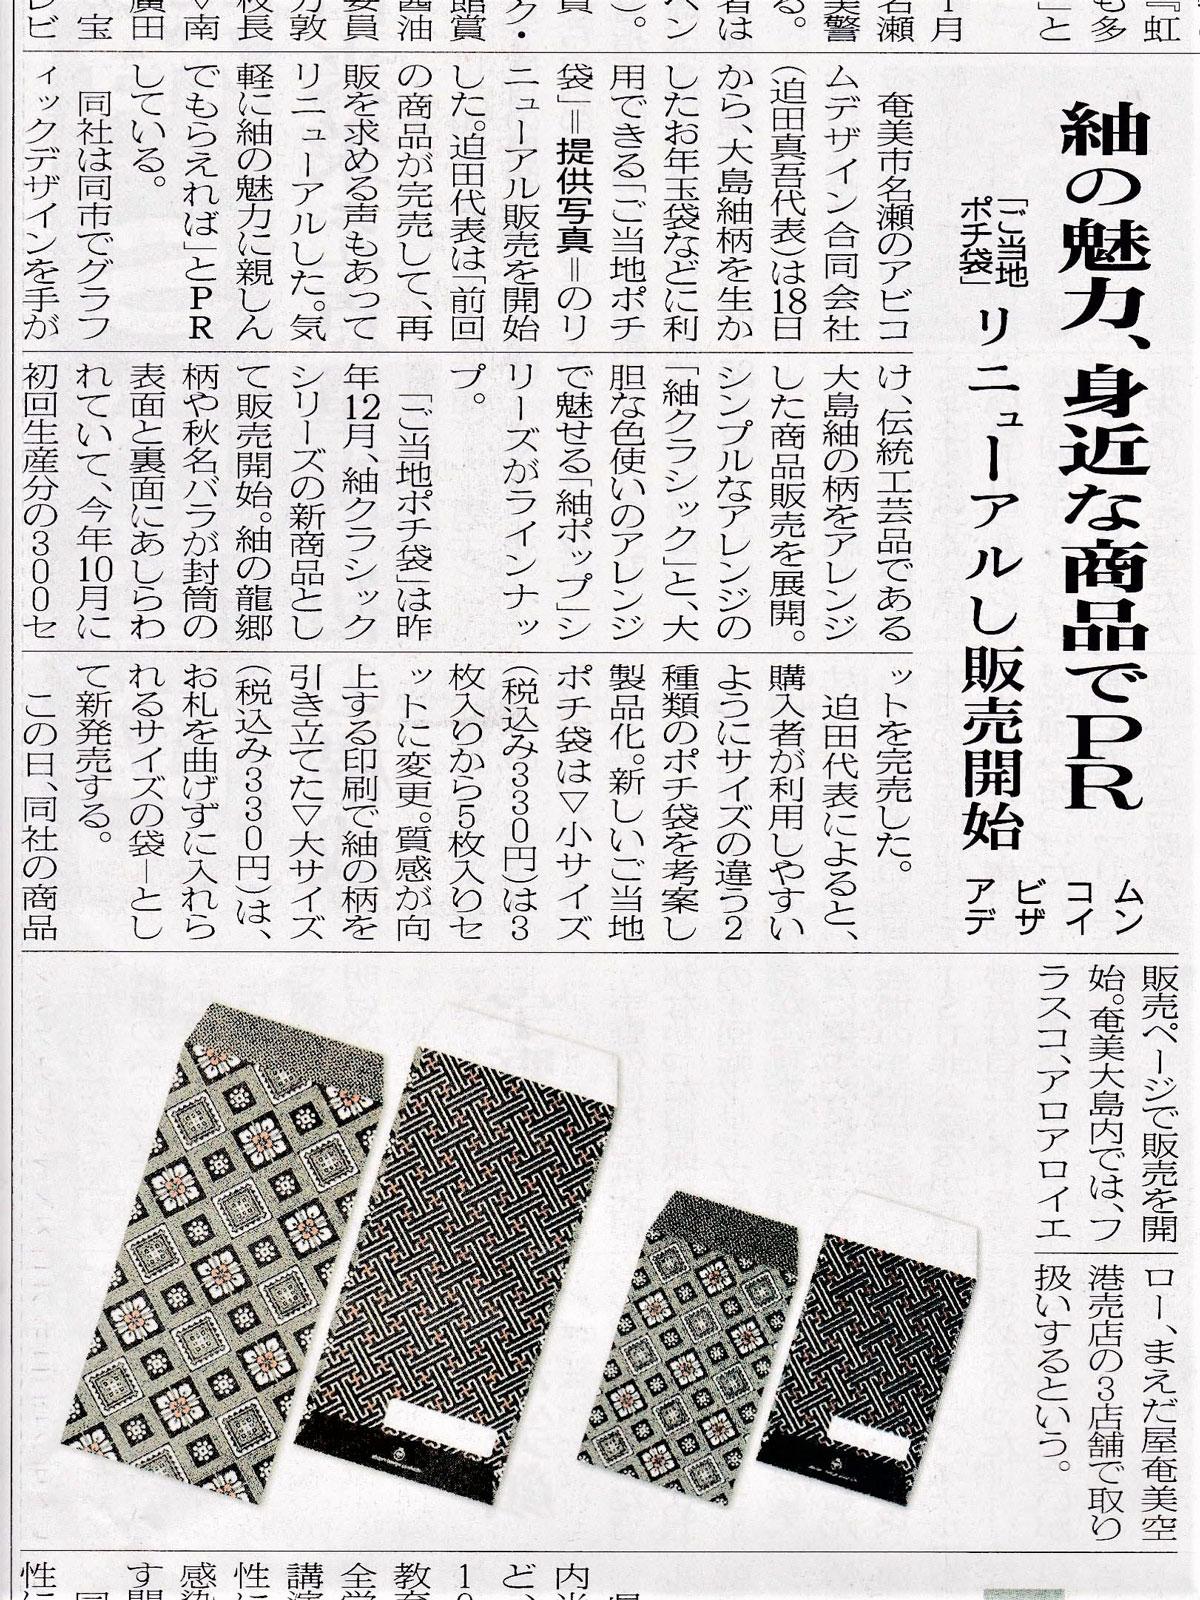 奄美新聞 2019年12月21日 紬の魅力、身近な商品でPR